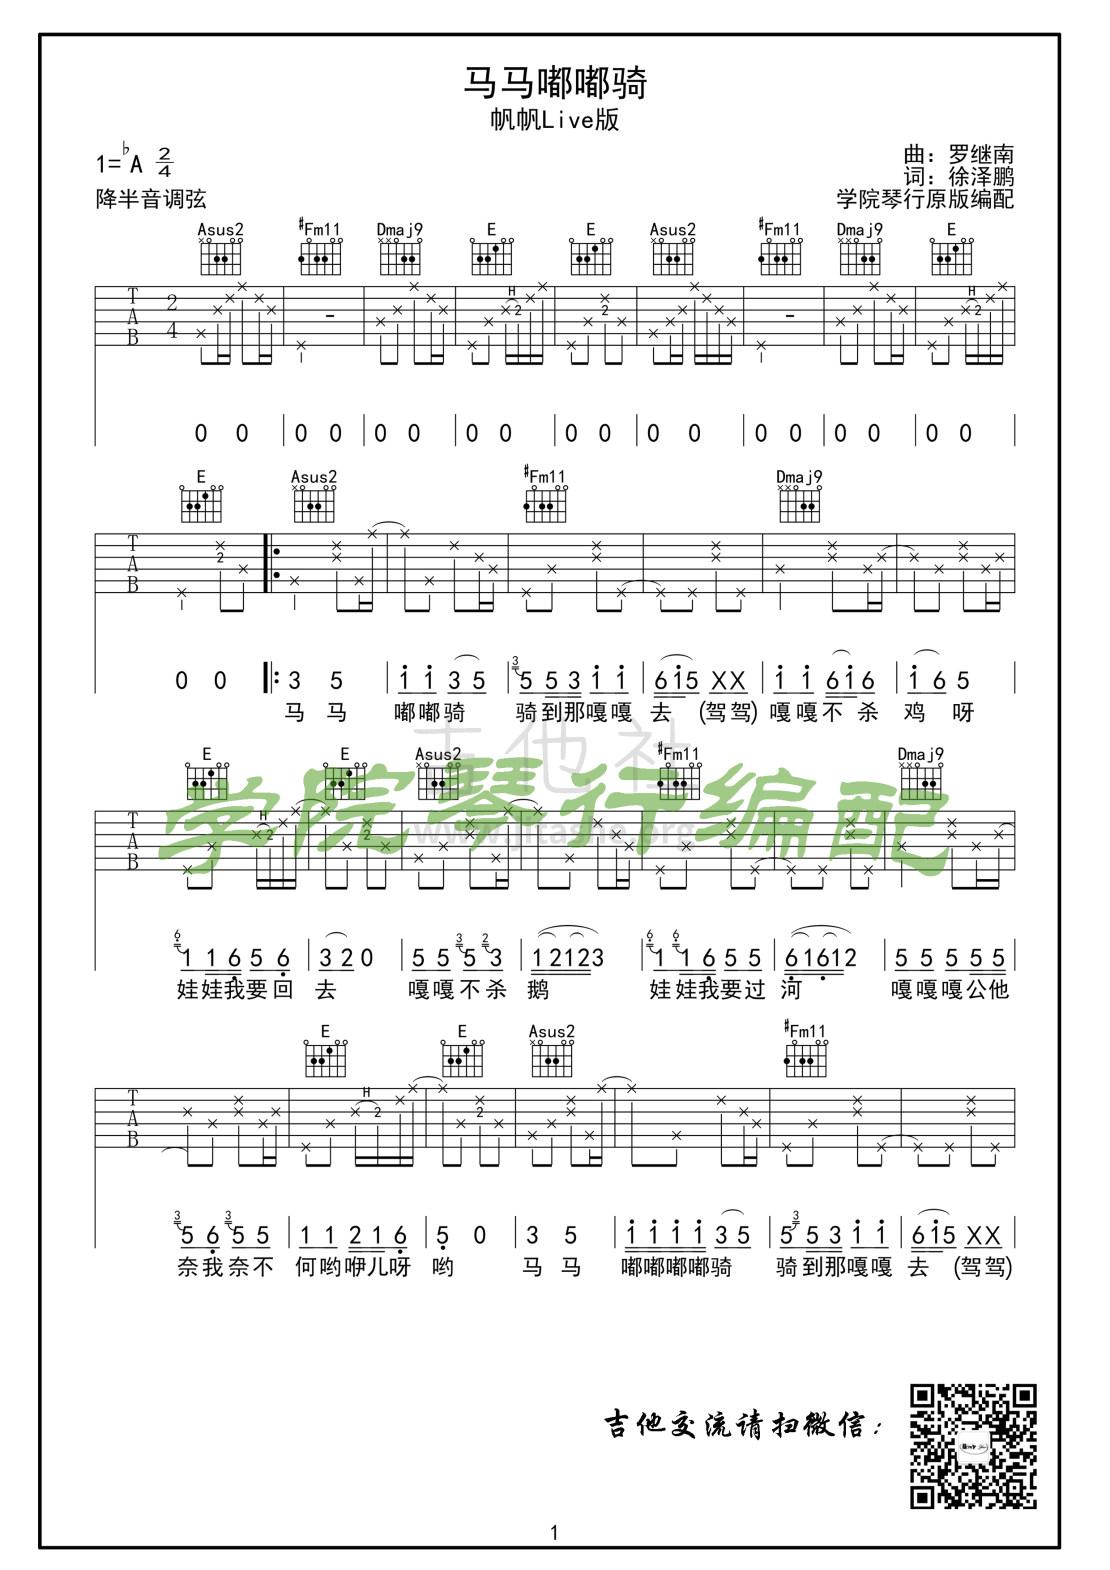 马马嘟嘟骑(学院琴行出品原版编配)吉他谱(图片谱,现场版,原版,弹唱)_斯斯与帆_马马嘟嘟骑1.jpg